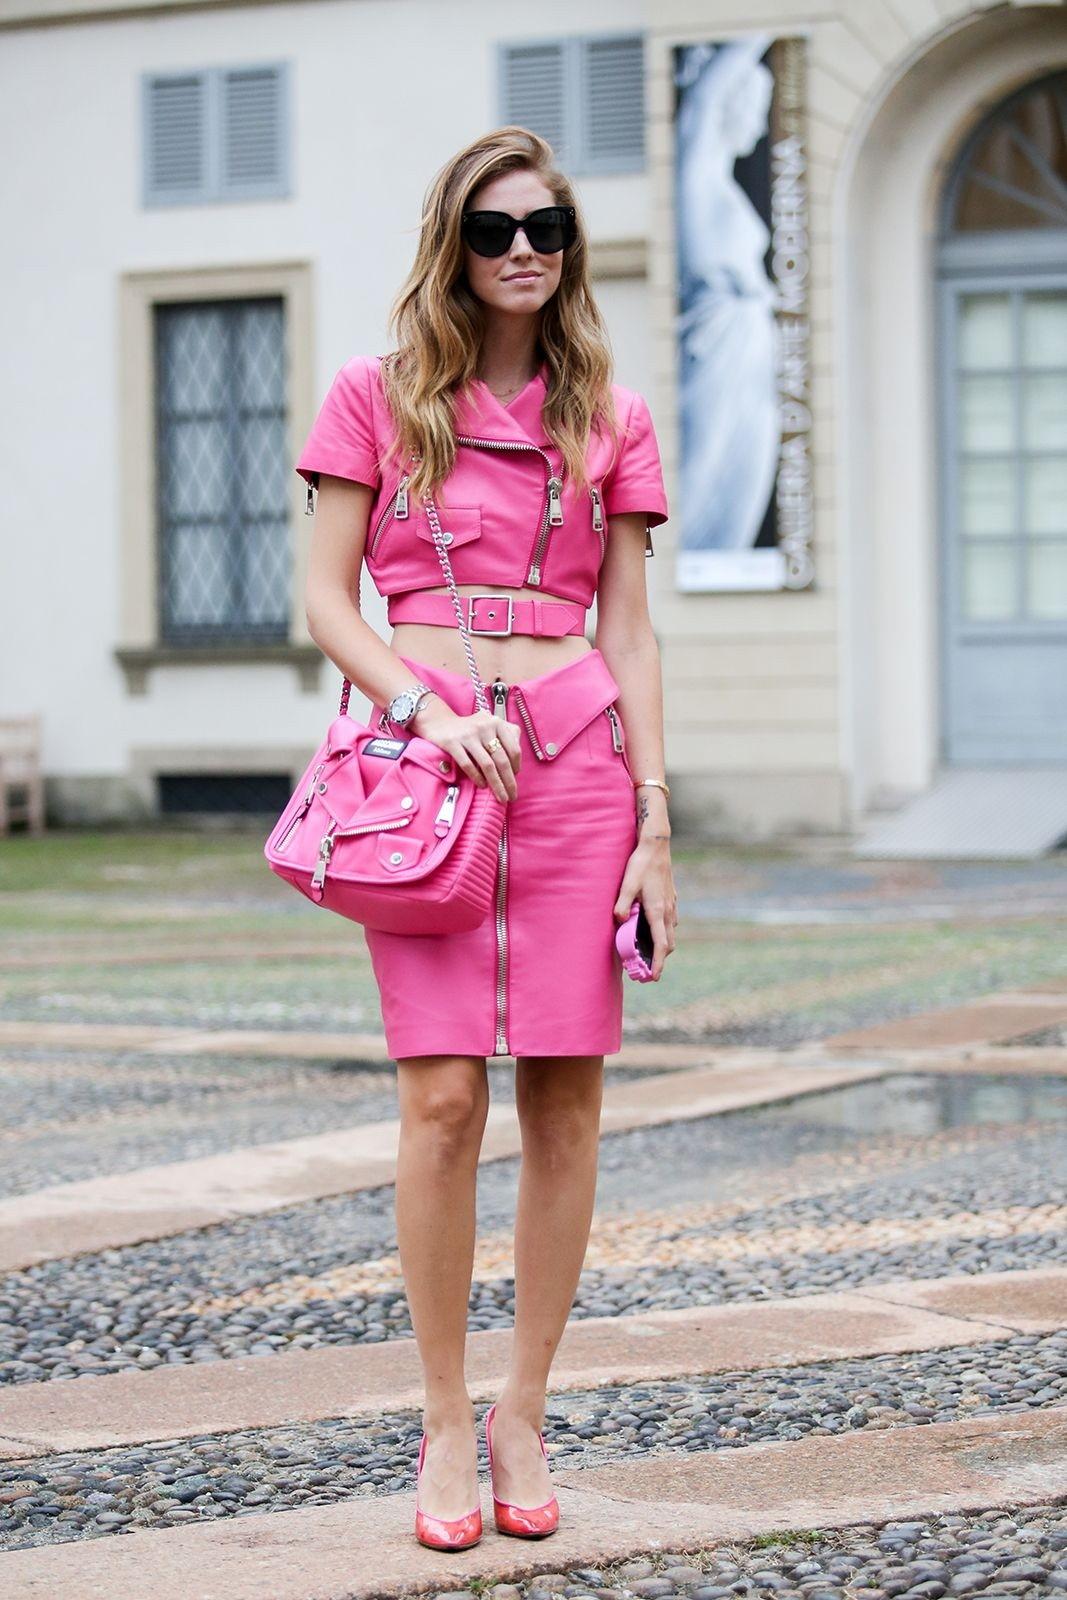 Образ из розовой кожи